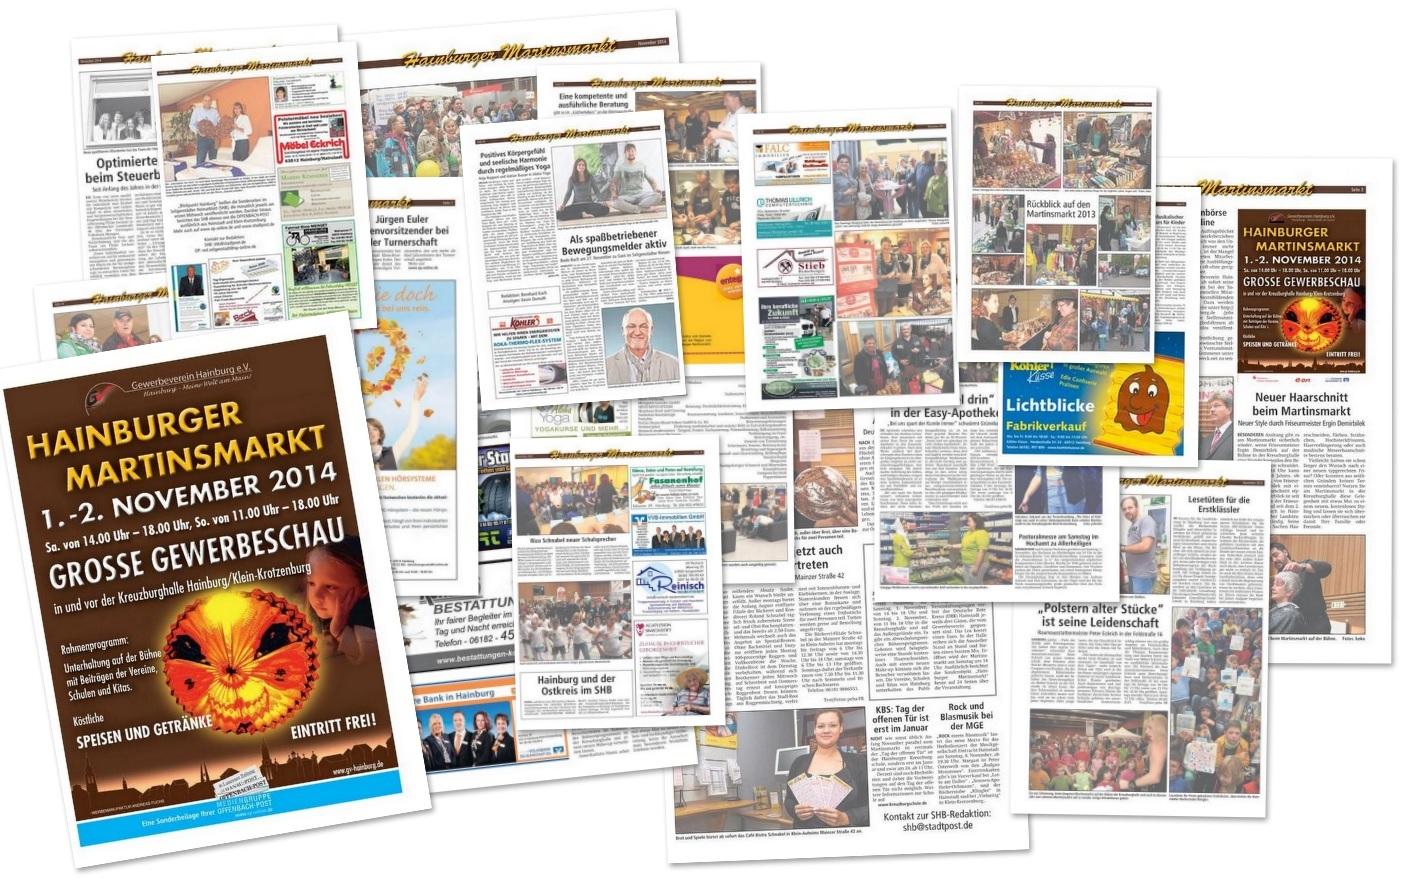 Martinsmarktzeitung 2014